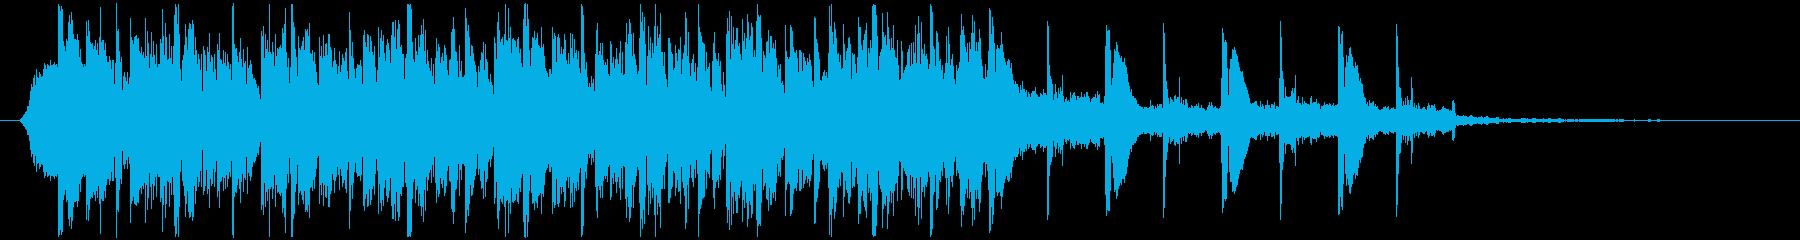 機械的・排他的ジングルの再生済みの波形